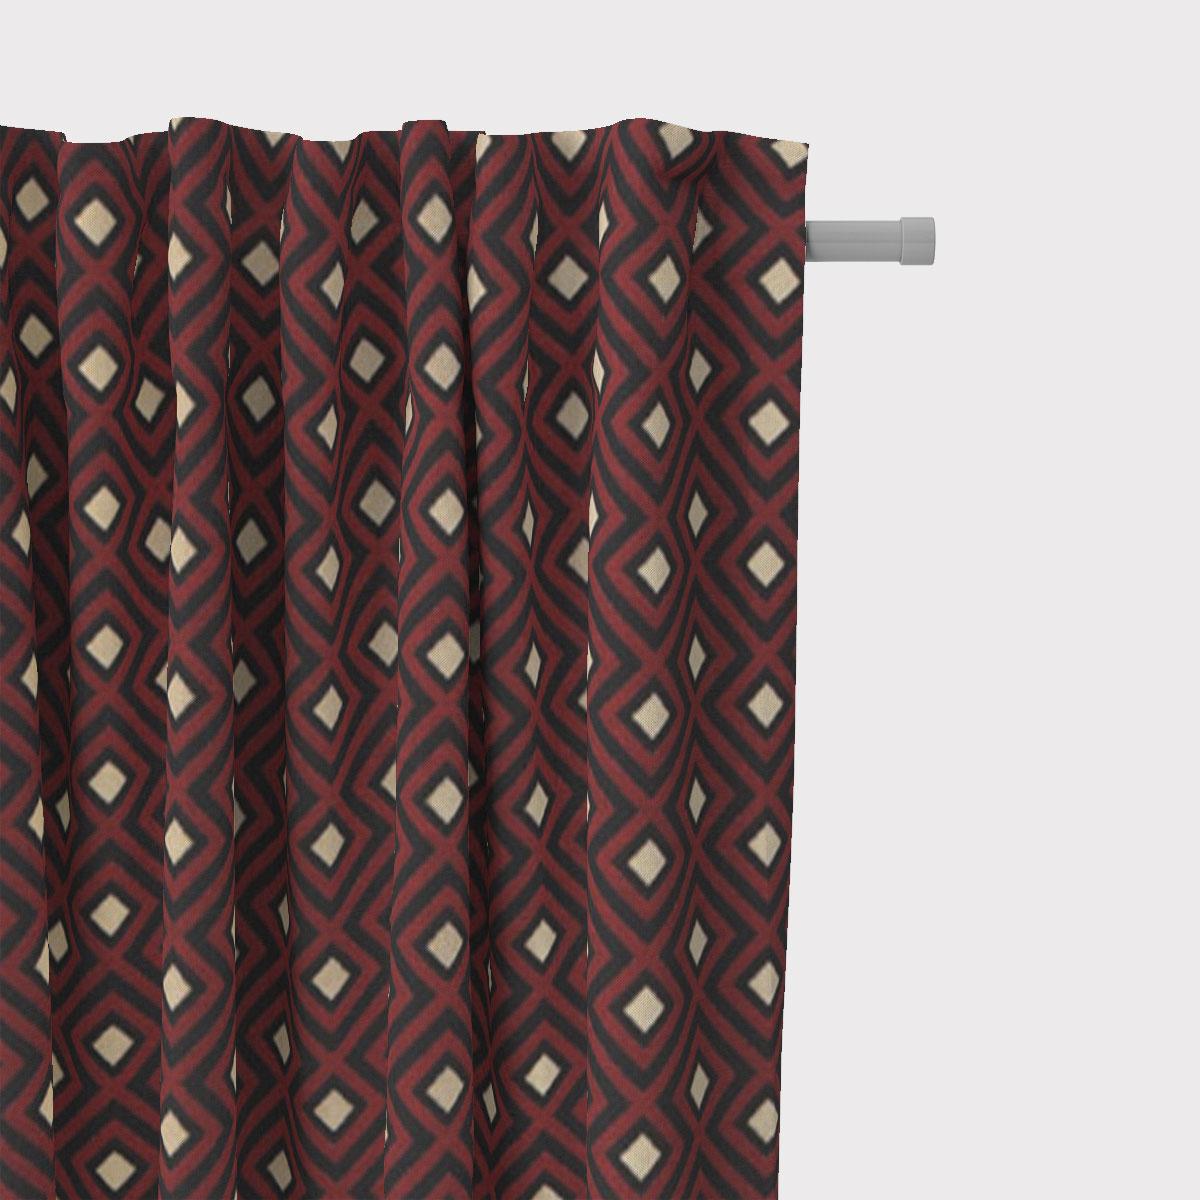 SCHÖNER LEBEN. Vorhang Art Deco Rauten Retro rot schwarz goldfarbig 245cm oder Wunschlänge